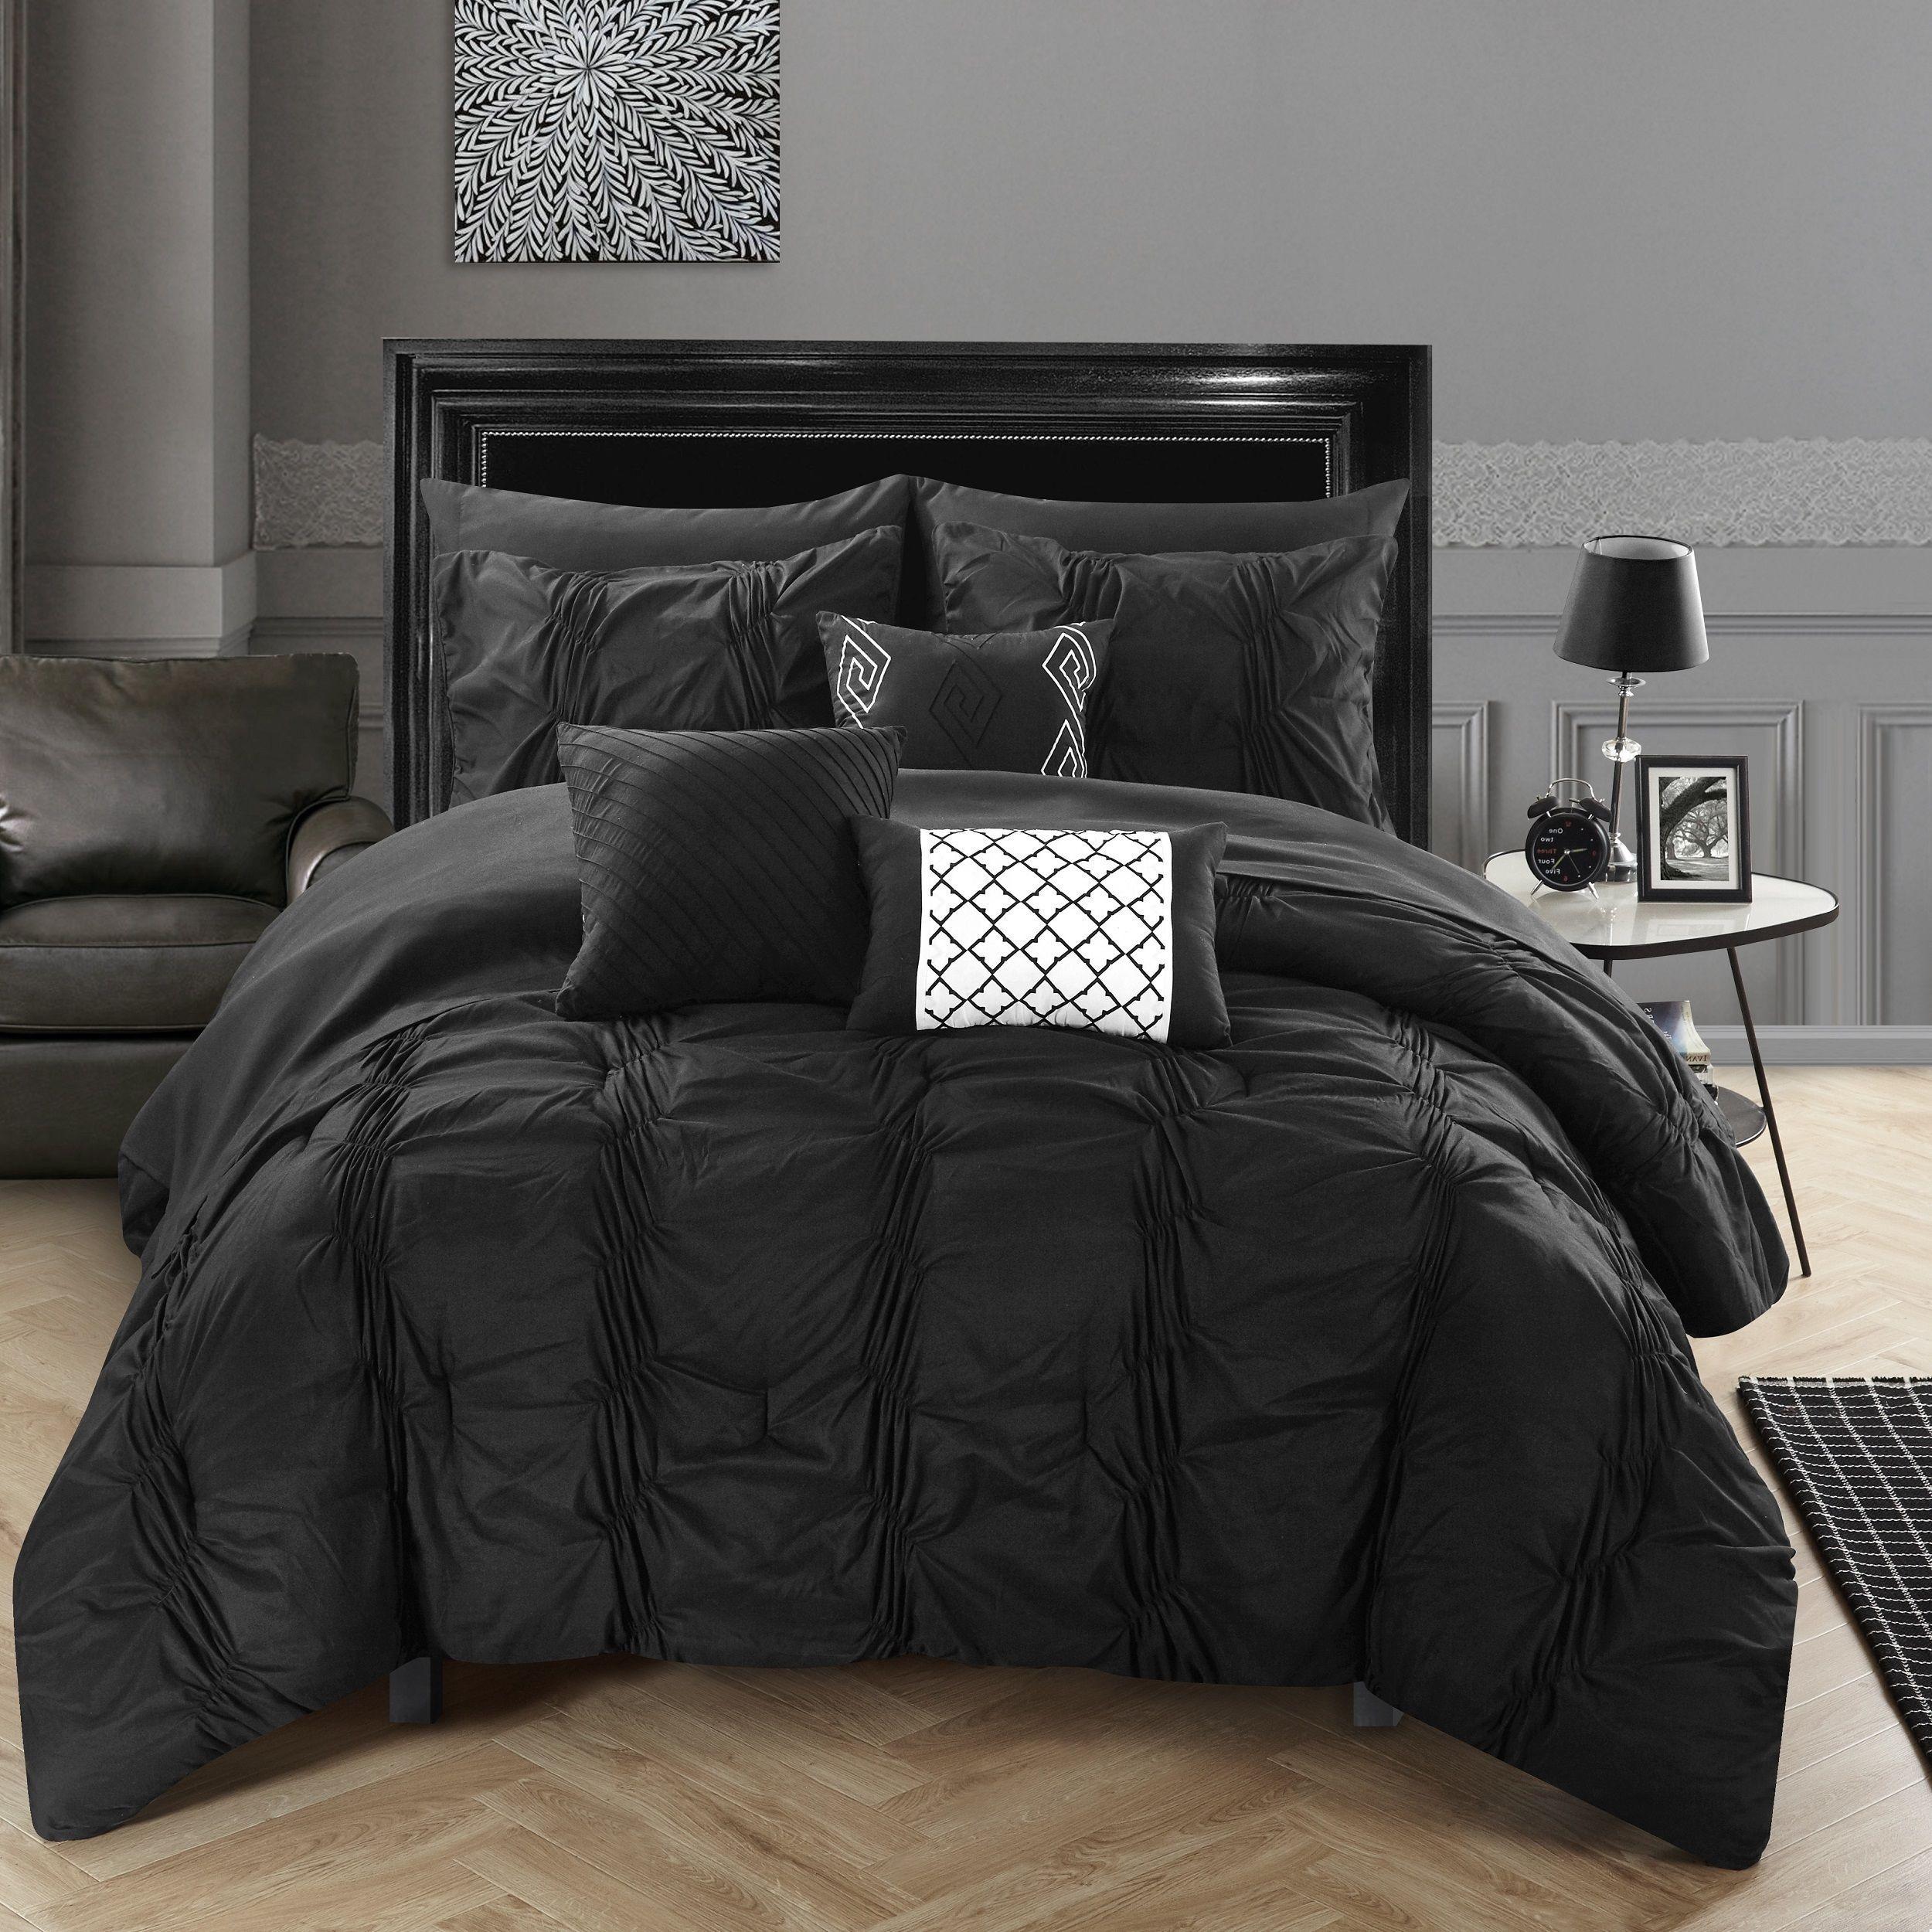 black bedding luxurious bedrooms